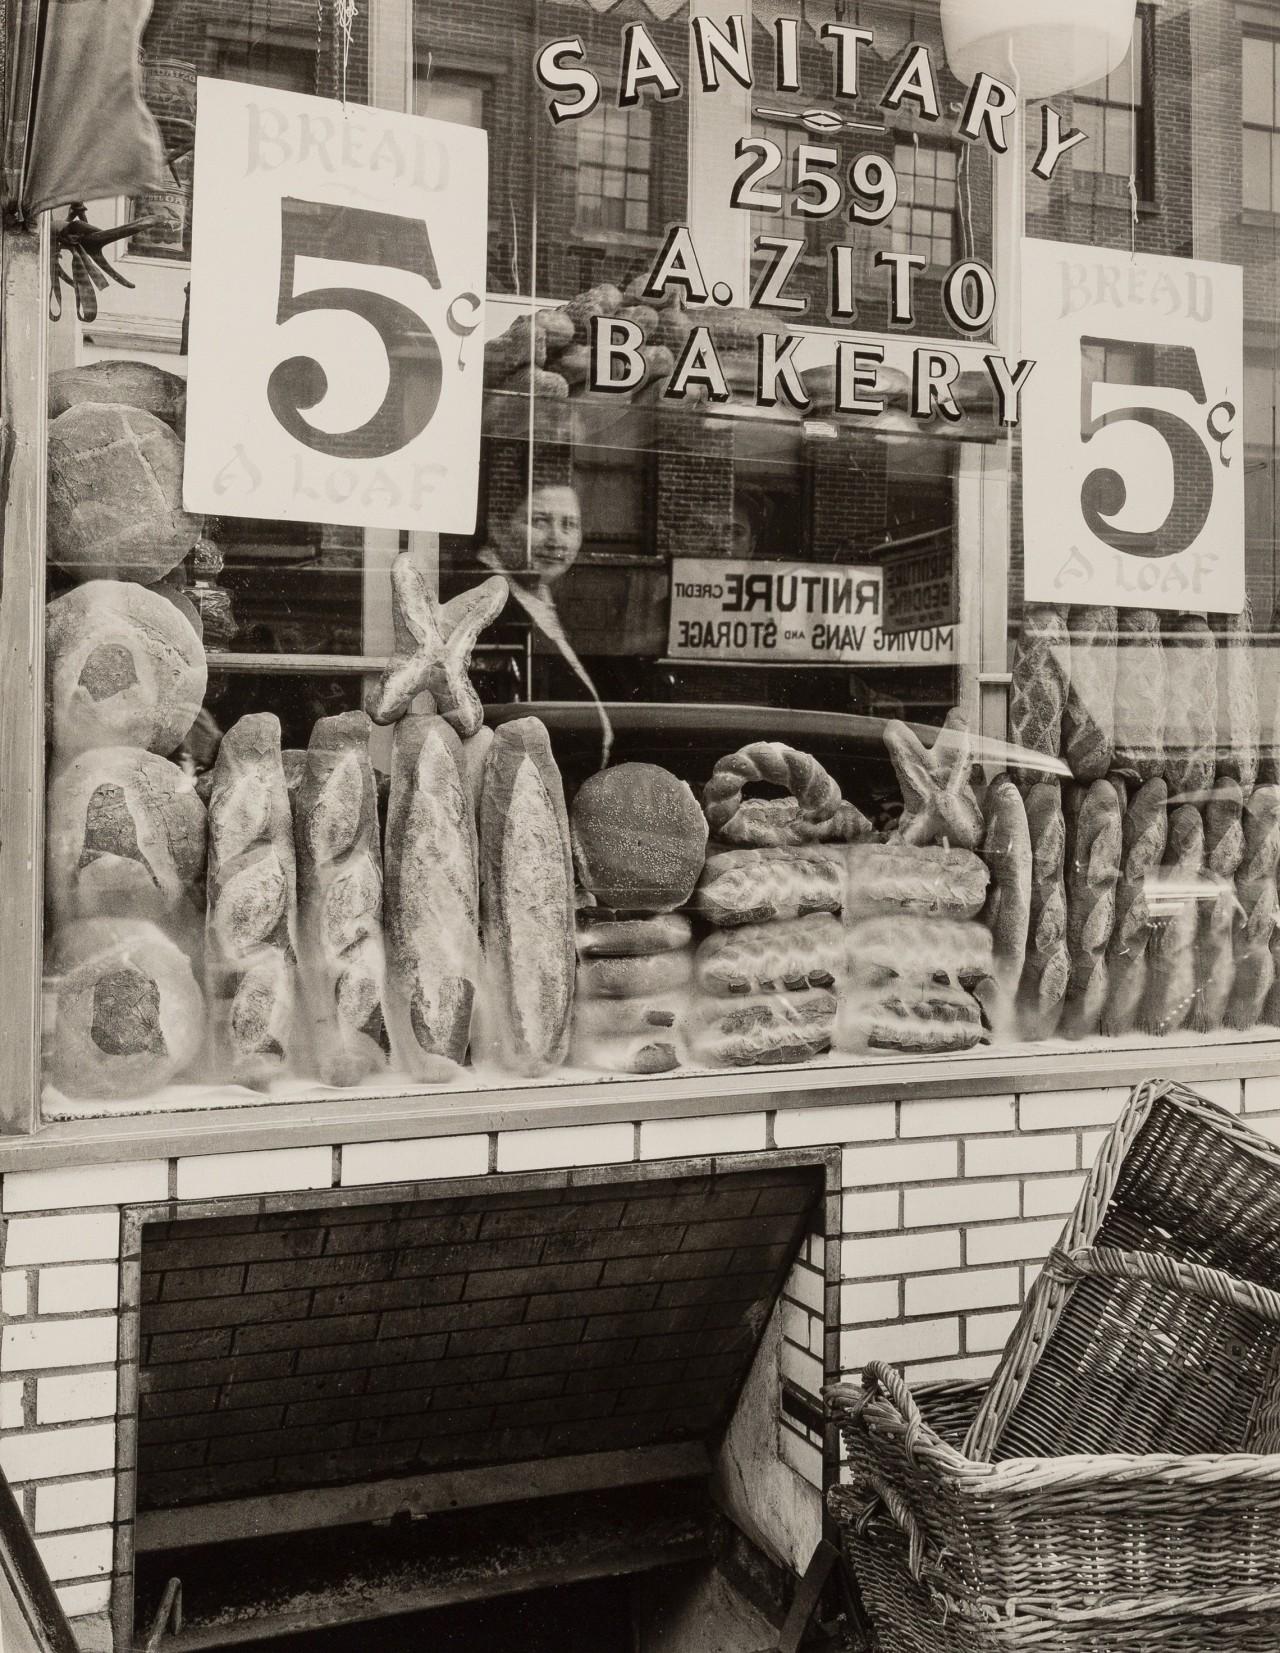 Хлебный магазин на Бликер-стрит, 3 февраля 1937. Автор Беренис Эббот